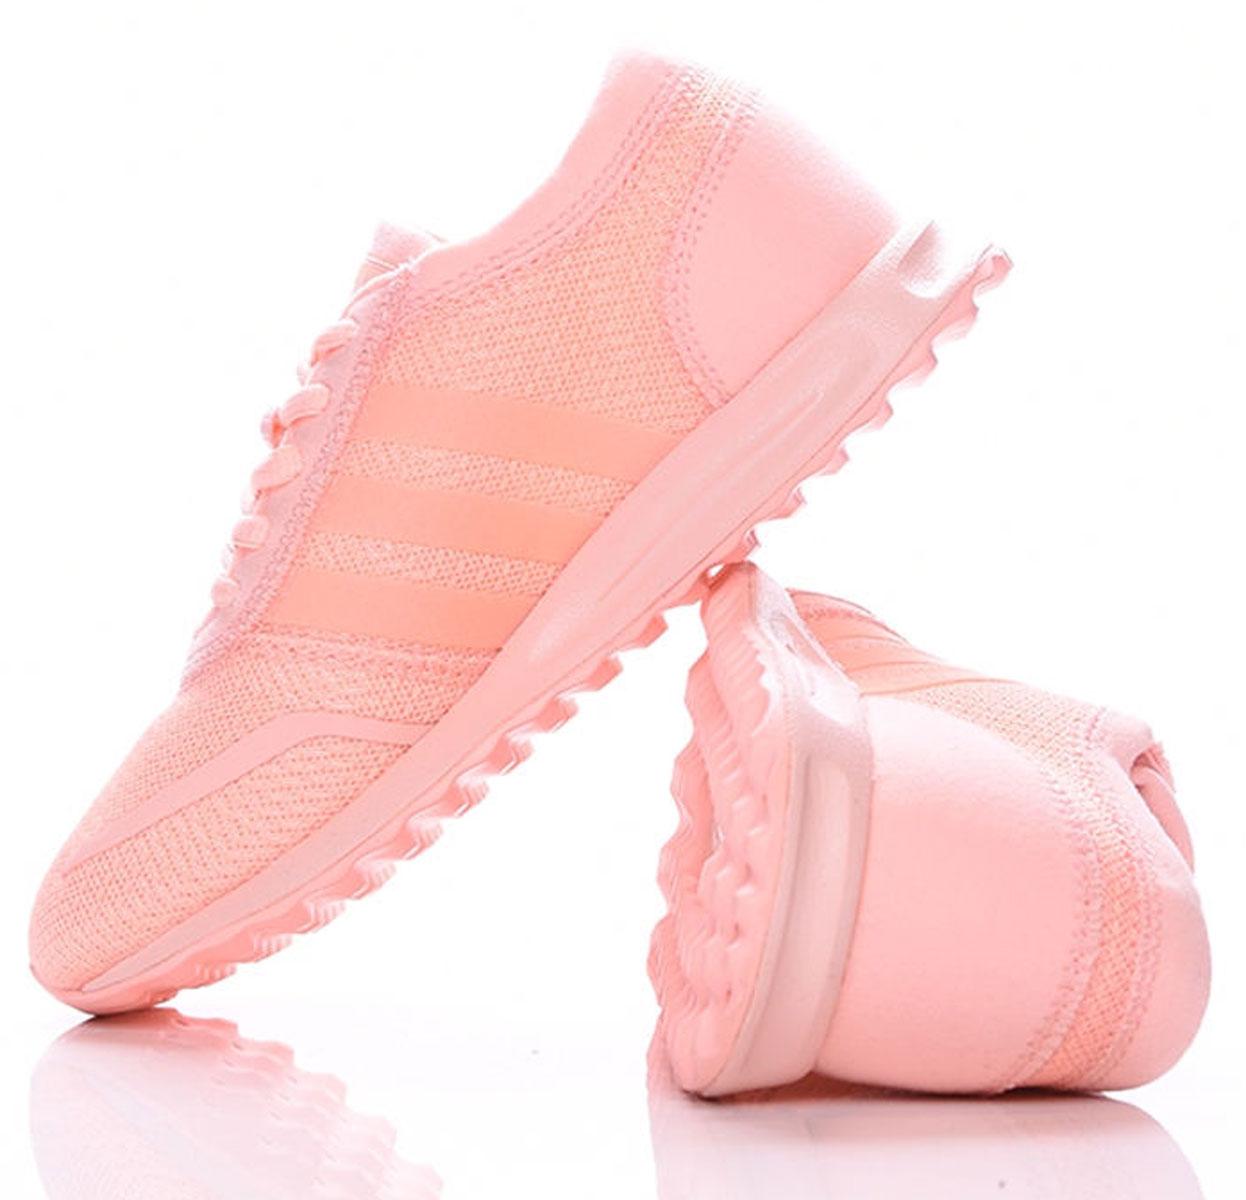 Кроссовки для девочки adidas Los Angeles C, цвет: розовый. BA7088. Размер 32 (31,5)BA7088Стильные кроссовки для девочки Adidas Los Angeles C выполнены из сетчатого материала. Шнуровка надежно фиксирует модель на ноге. Внутренний материал отлично отводит влагу и обеспечивает ногам комфорт. Удобная и функциональная стелька OrthoLite. Светоотражающий ярлычок на язычке и мягкая промежуточная подошва из ЭВА дополняют образ.